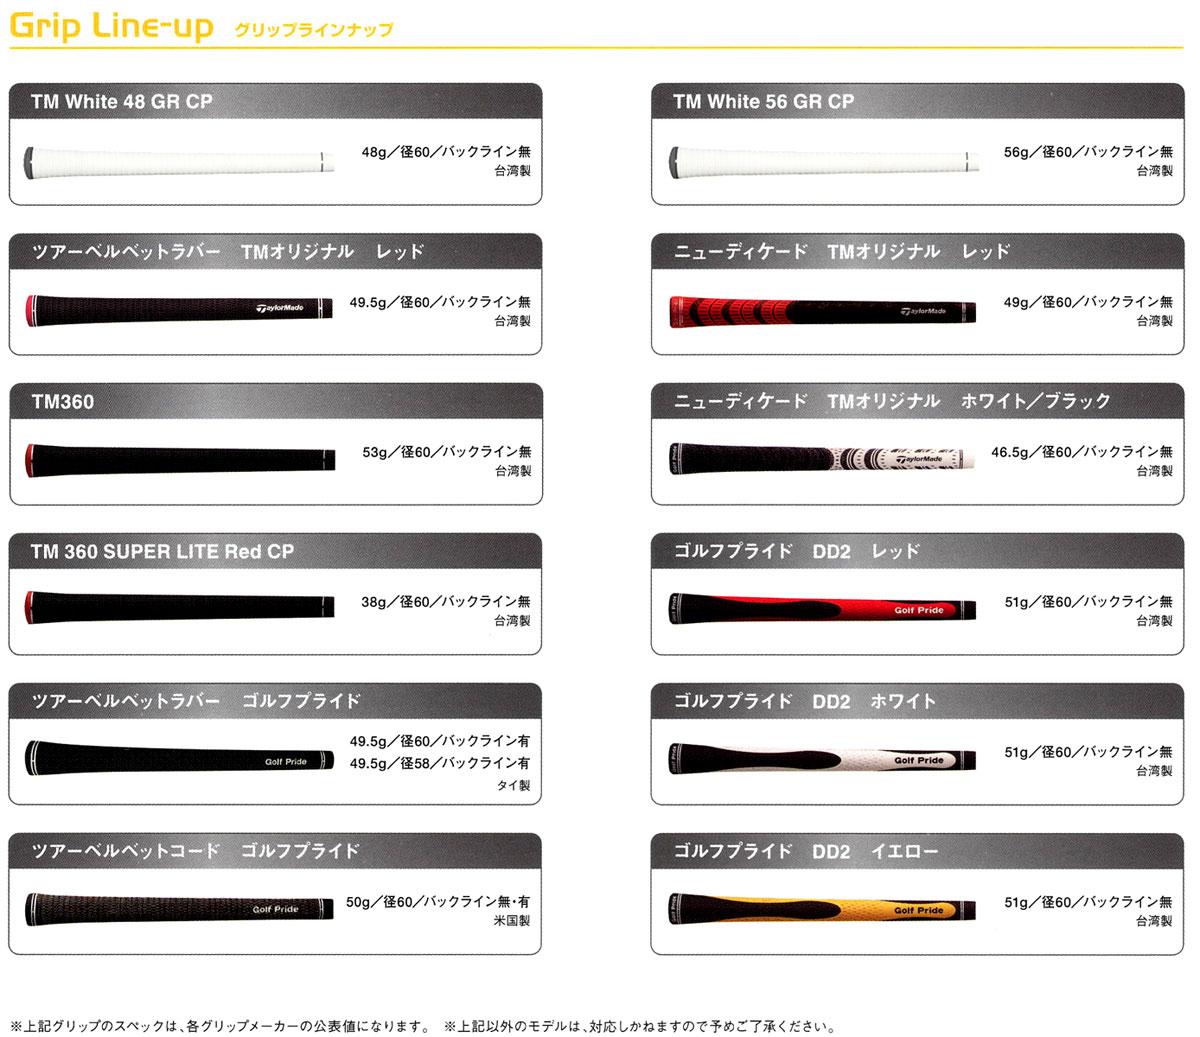 2011년 일본 사양 테일러 메이드 R11 드라이버 커스텀 Tour ADYep_100